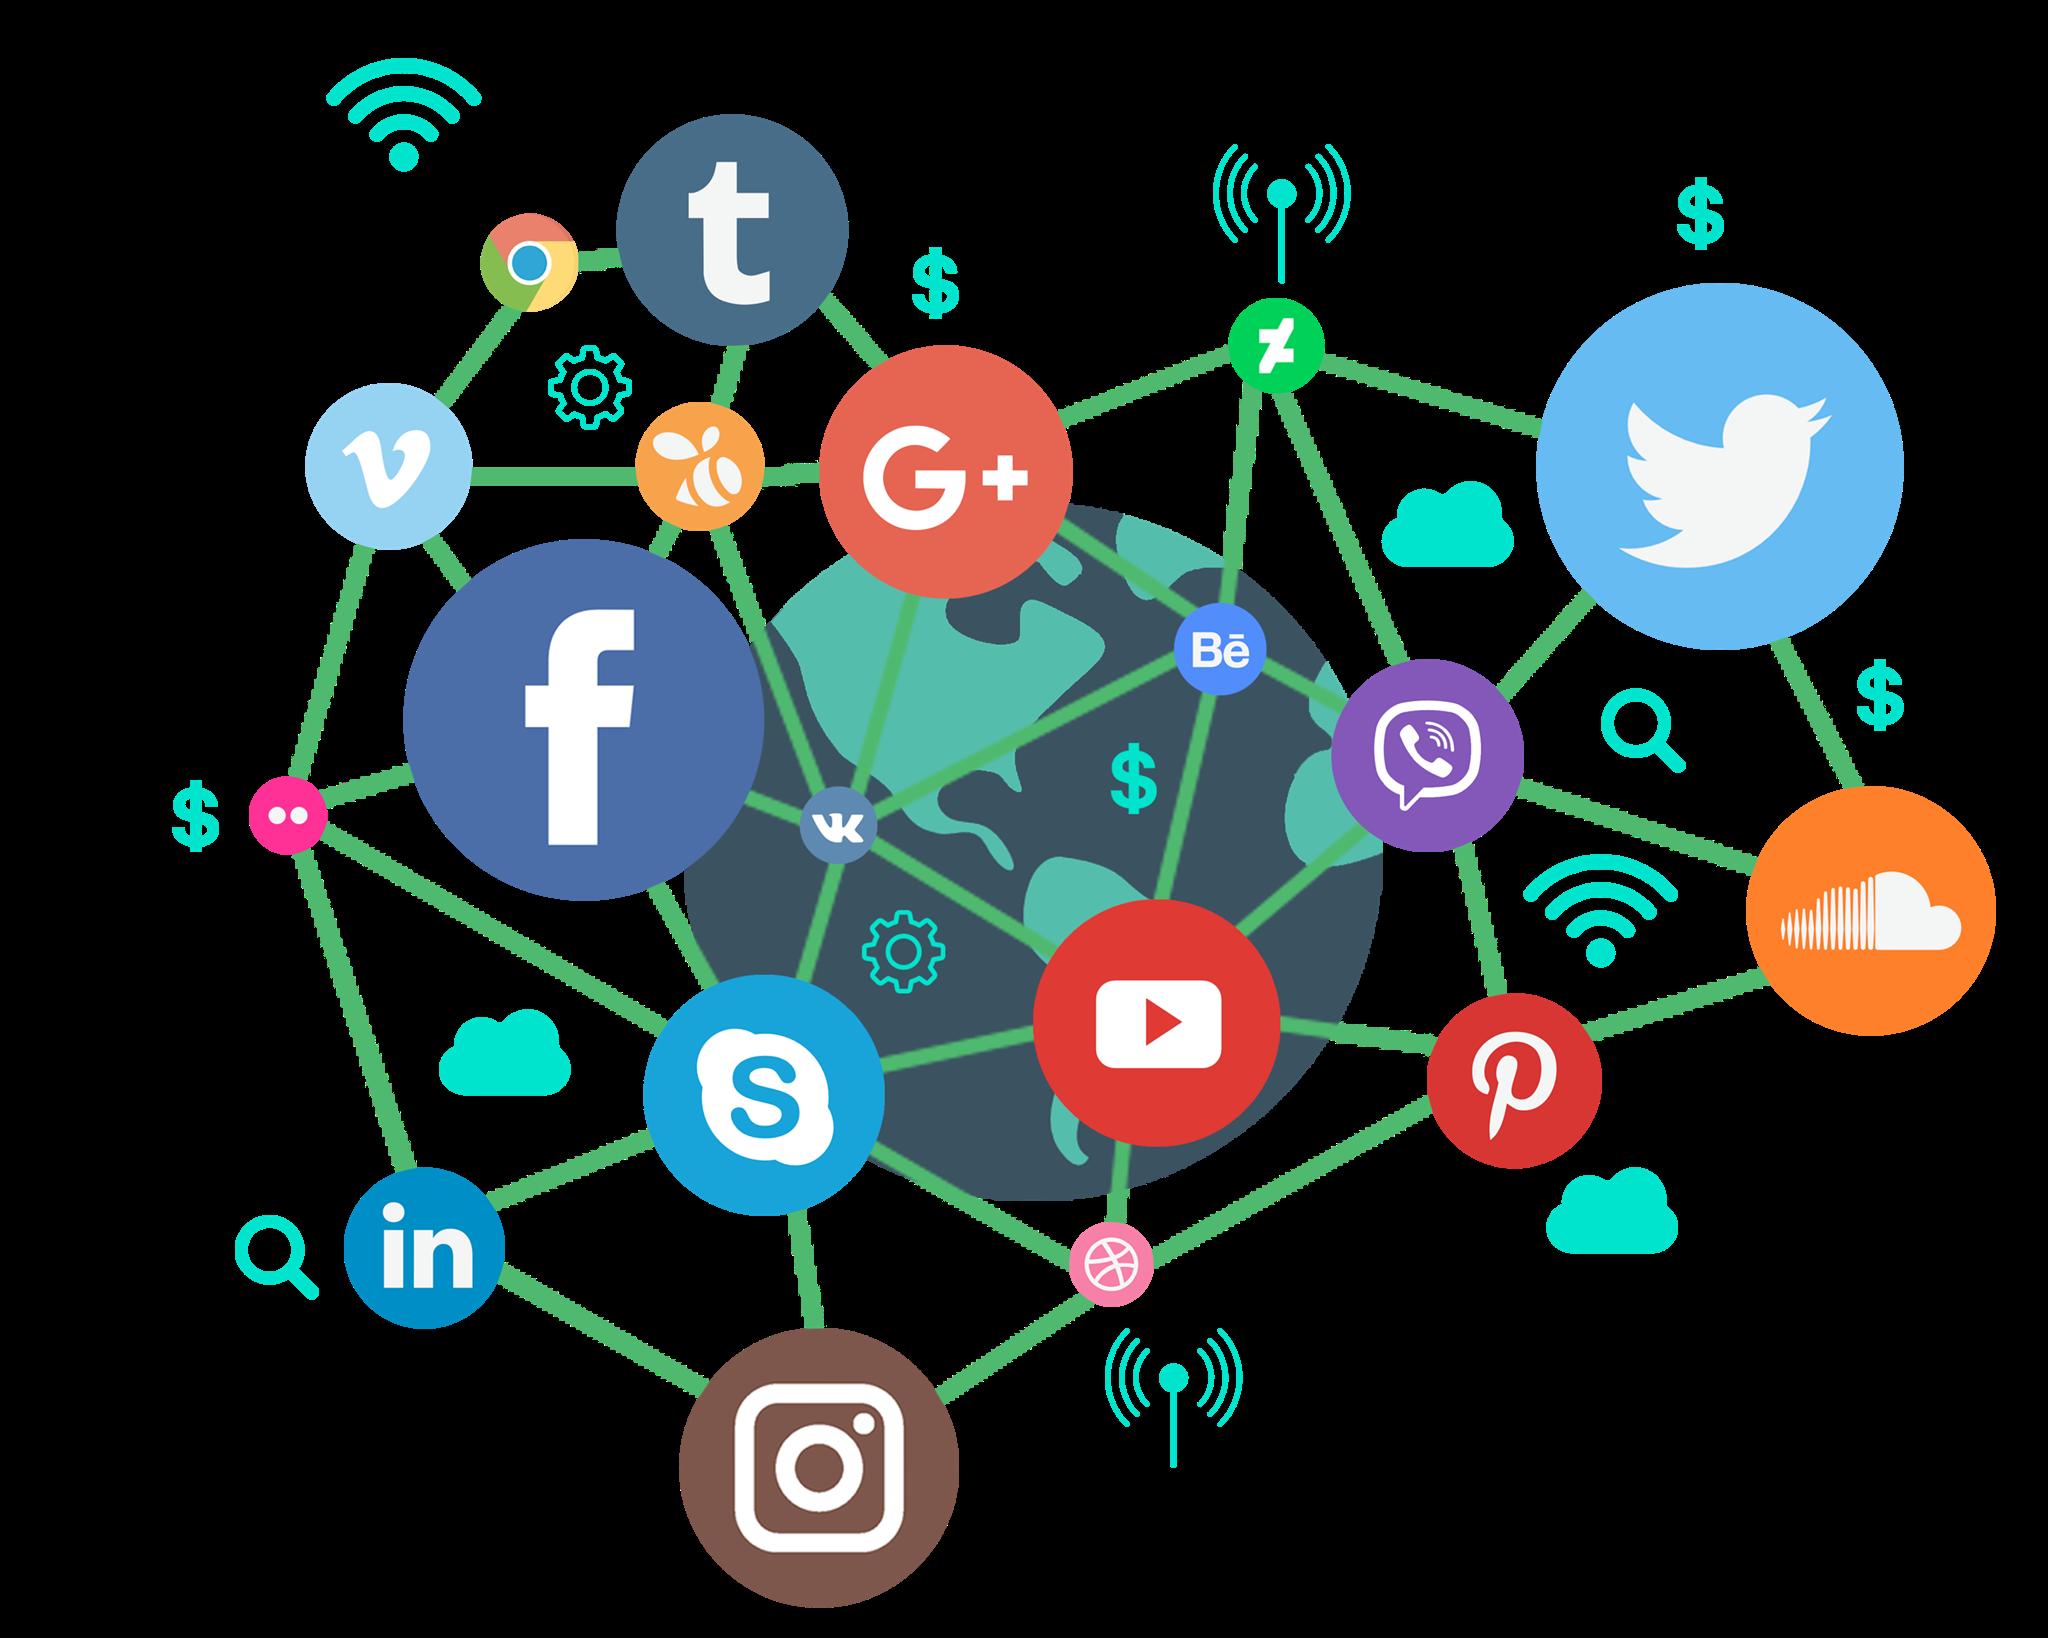 Social media marketing Digital marketing Social network.